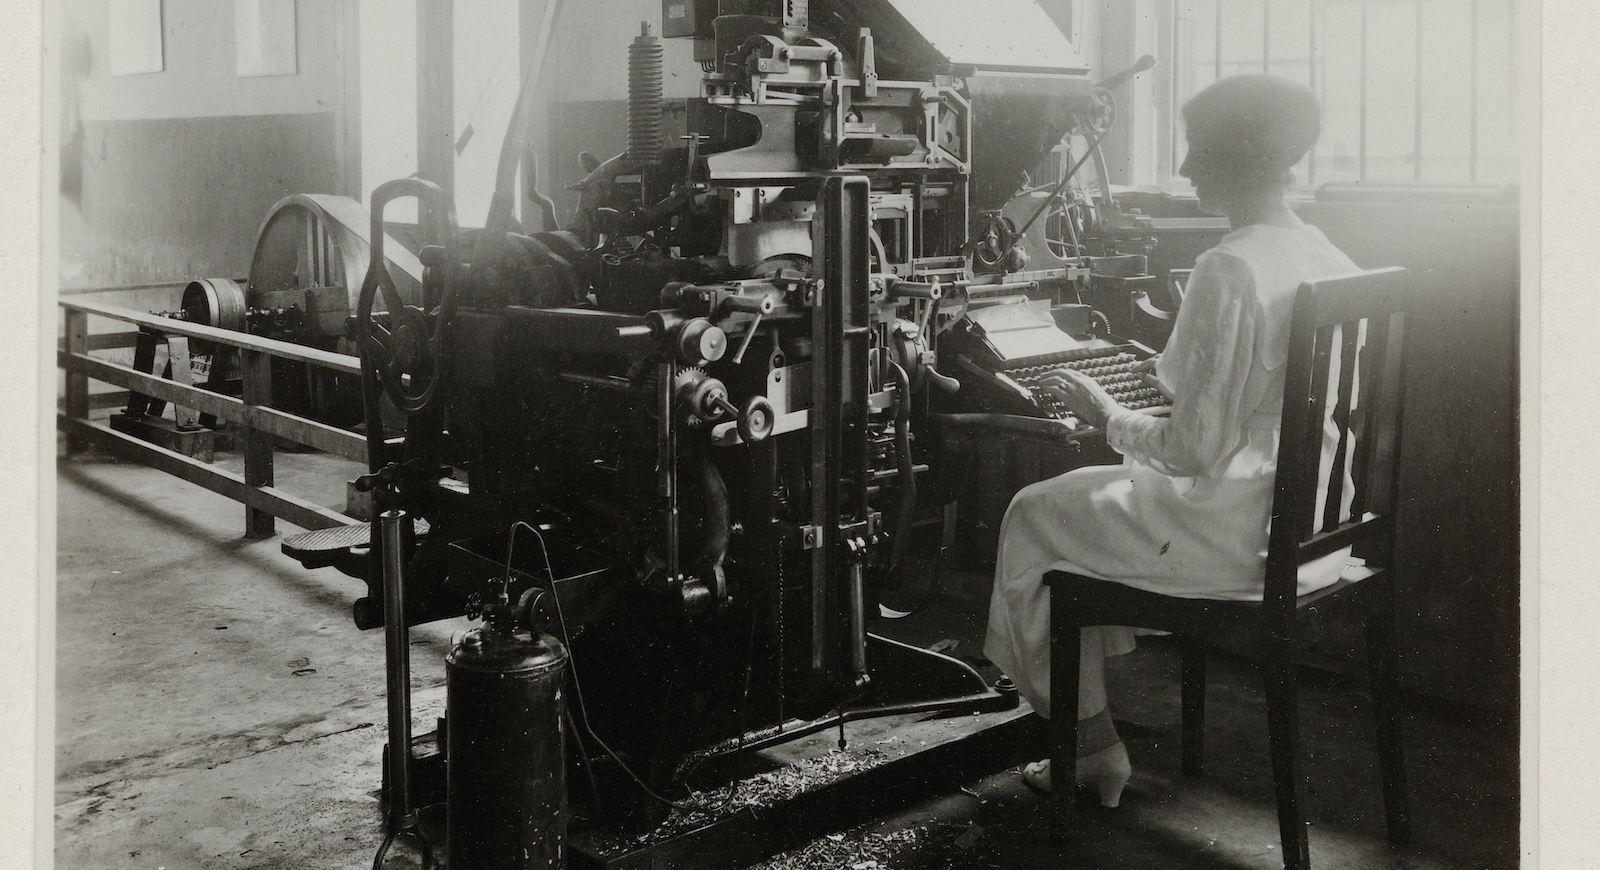 Zetmachine in de drukkerij, T. Kaneo, 1921